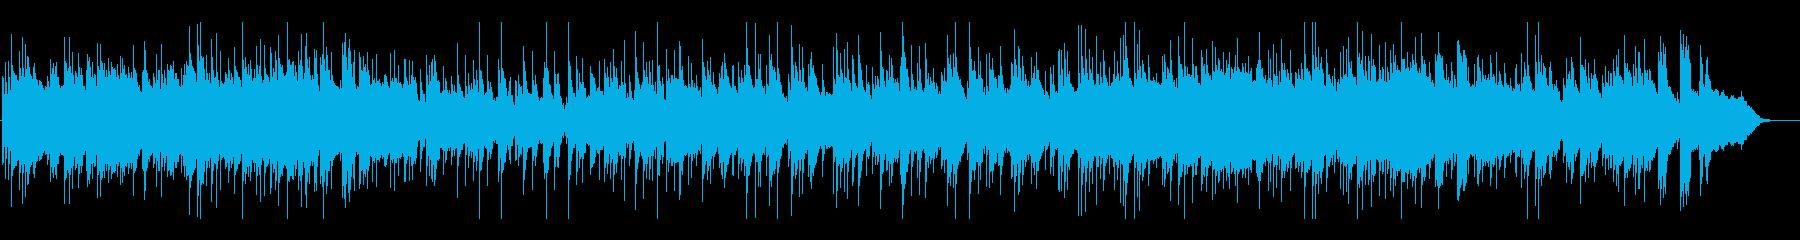 懐かしさを出すならこのヒーリングで決まりの再生済みの波形